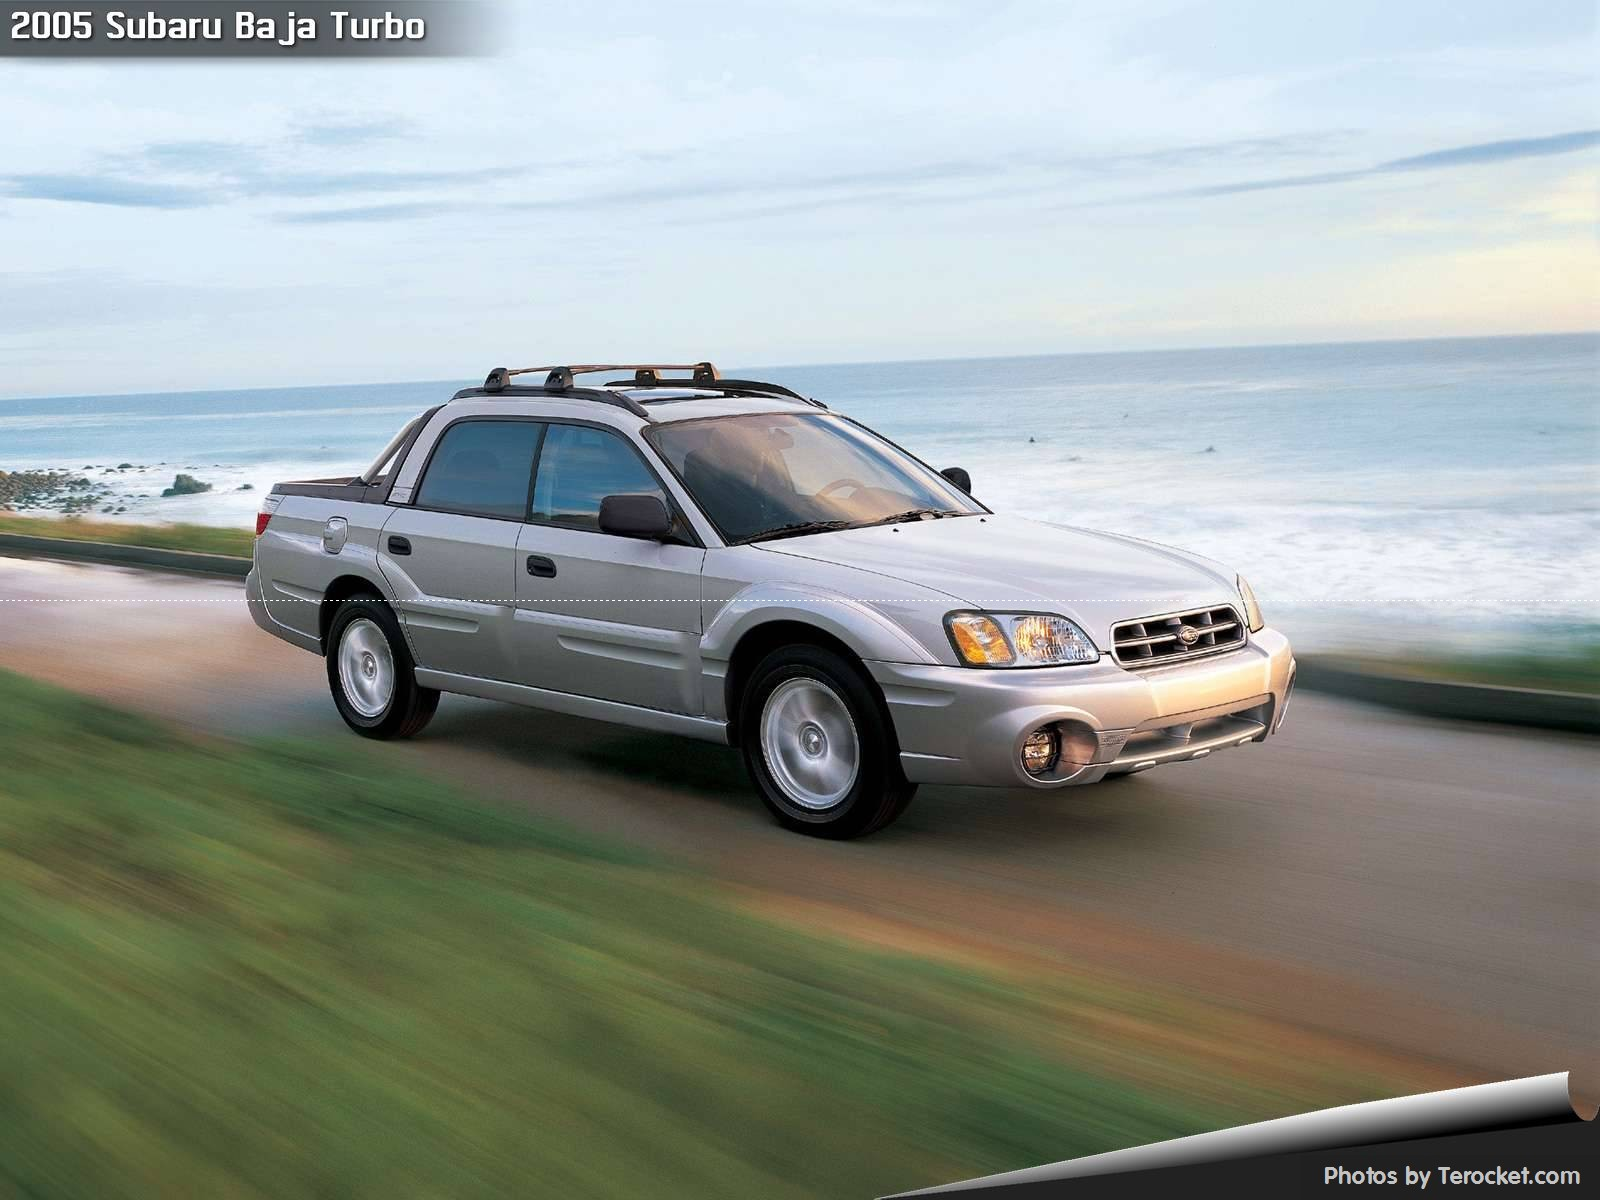 Hình ảnh xe ô tô Subaru Baja Turbo 2005 & nội ngoại thất